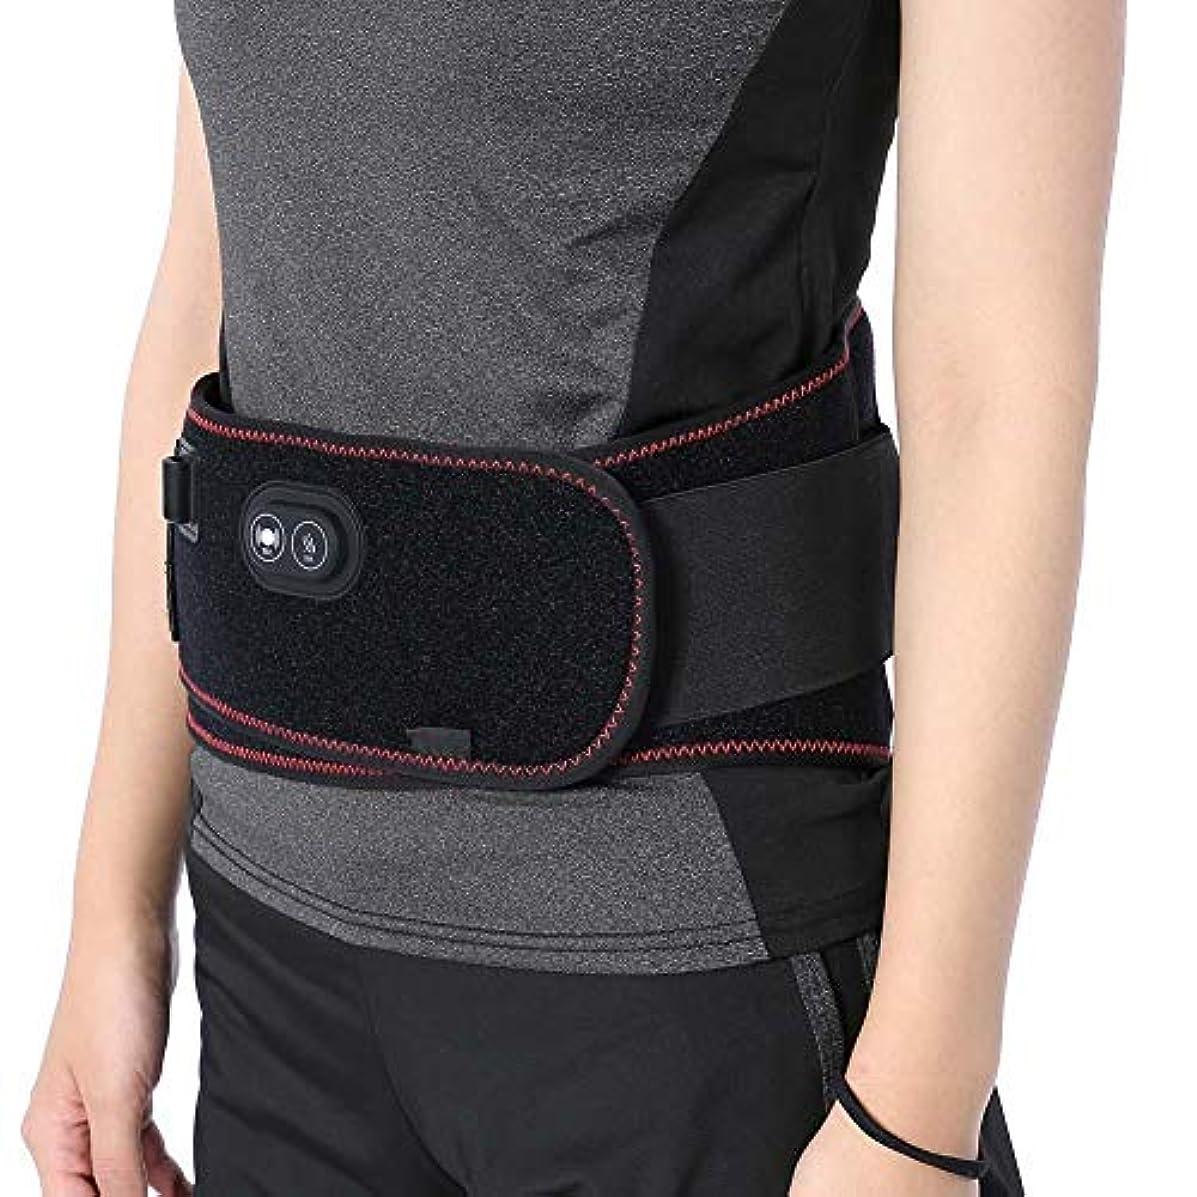 薬遅らせる関連する暖房ウエストベルト電気暖かい腹部マッサージ振動ウエストサポート、リリーフ性月経困難症と腹部の背中の痛み暖かい腰椎振動ラップ男性と女性のための低い